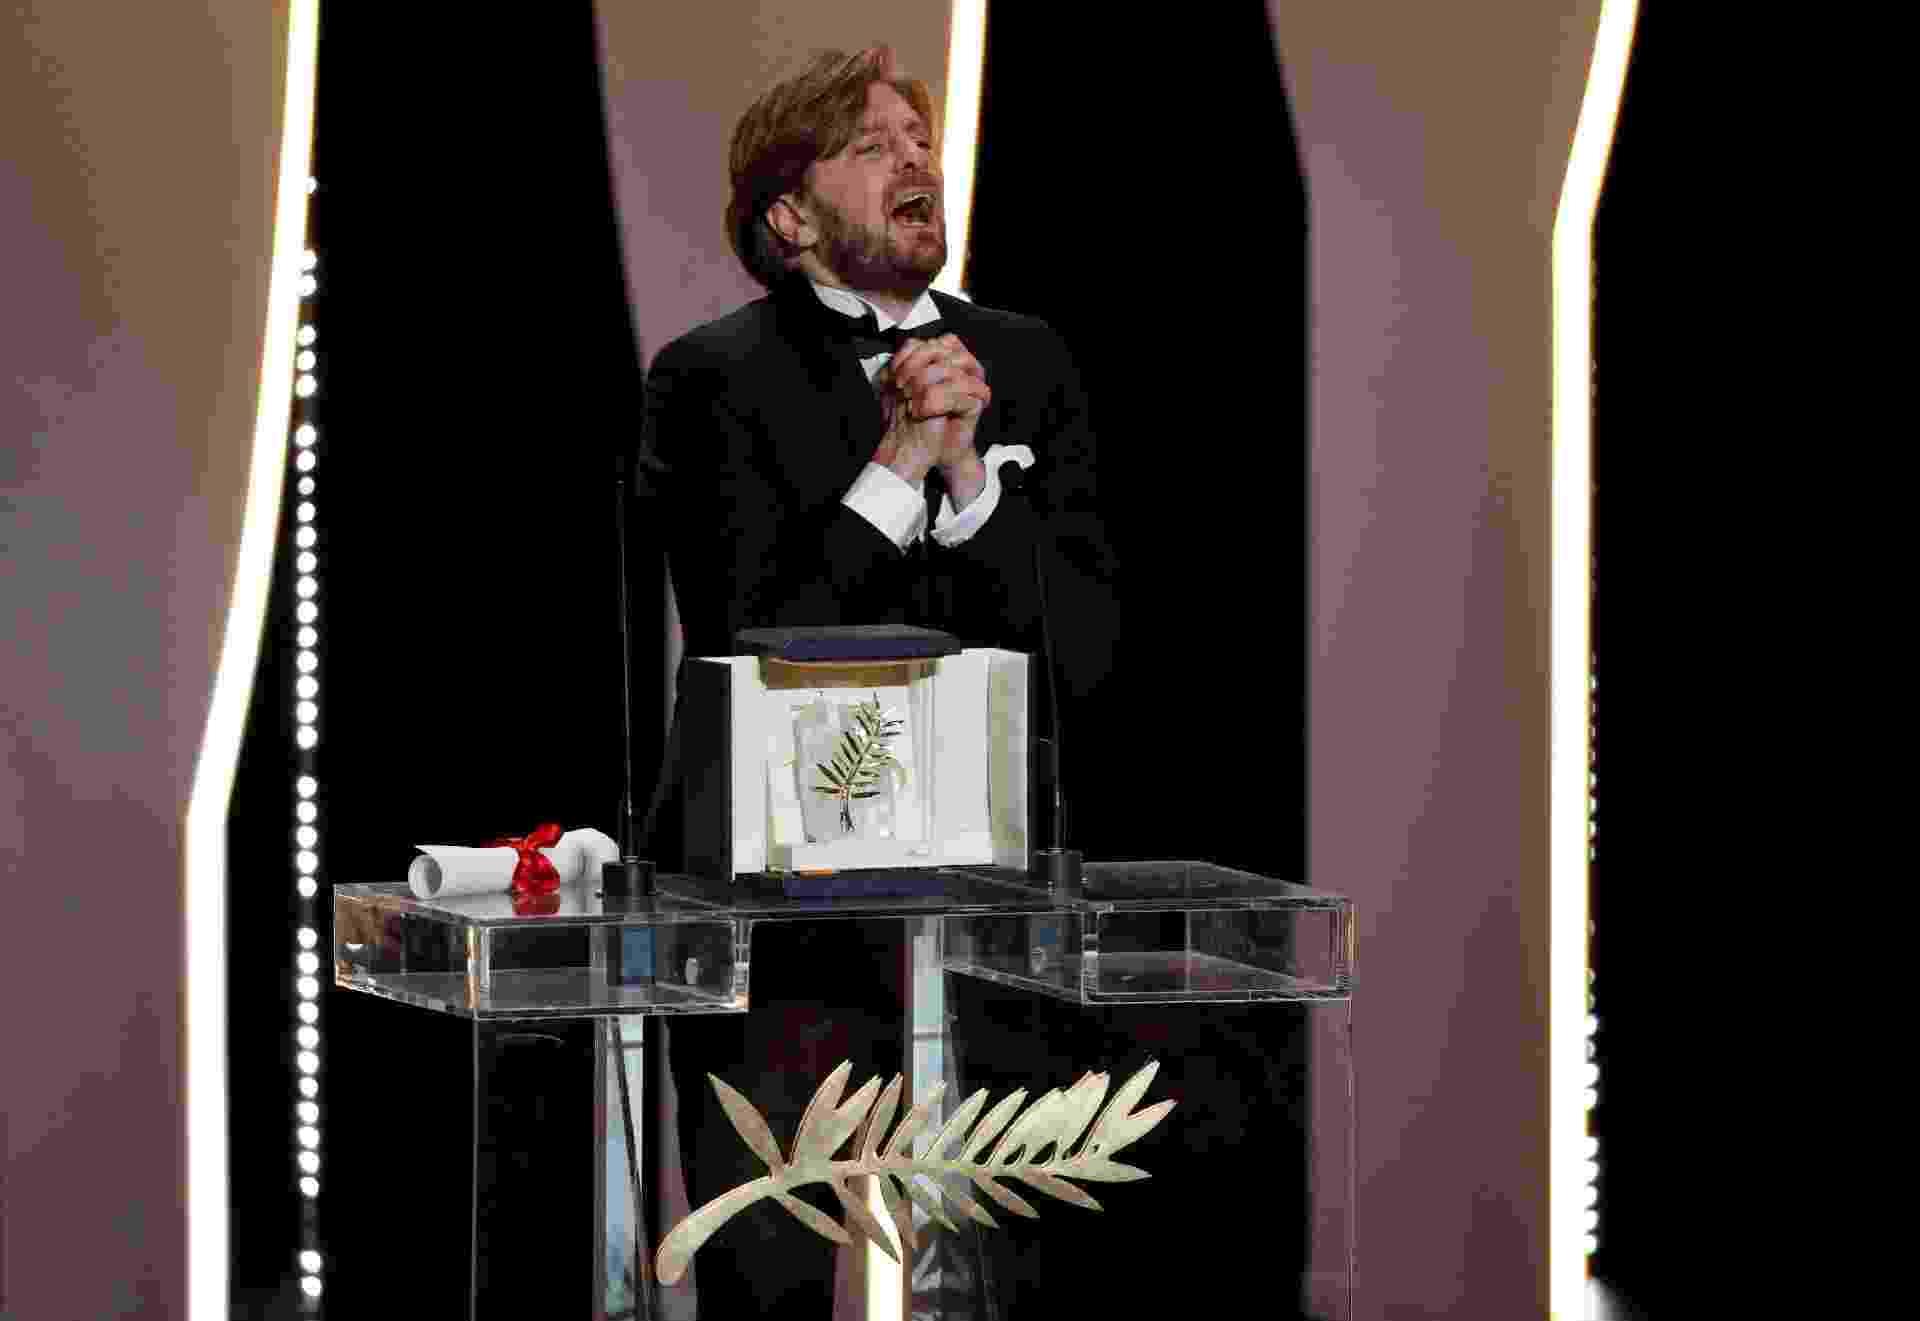 """O diretor sueco Ruben Ostlund comemora após vencer a Palma de Ouro do Festival de Cannes com o filme """"The Square"""" - Stephane Mahe/Eric Gaillard"""